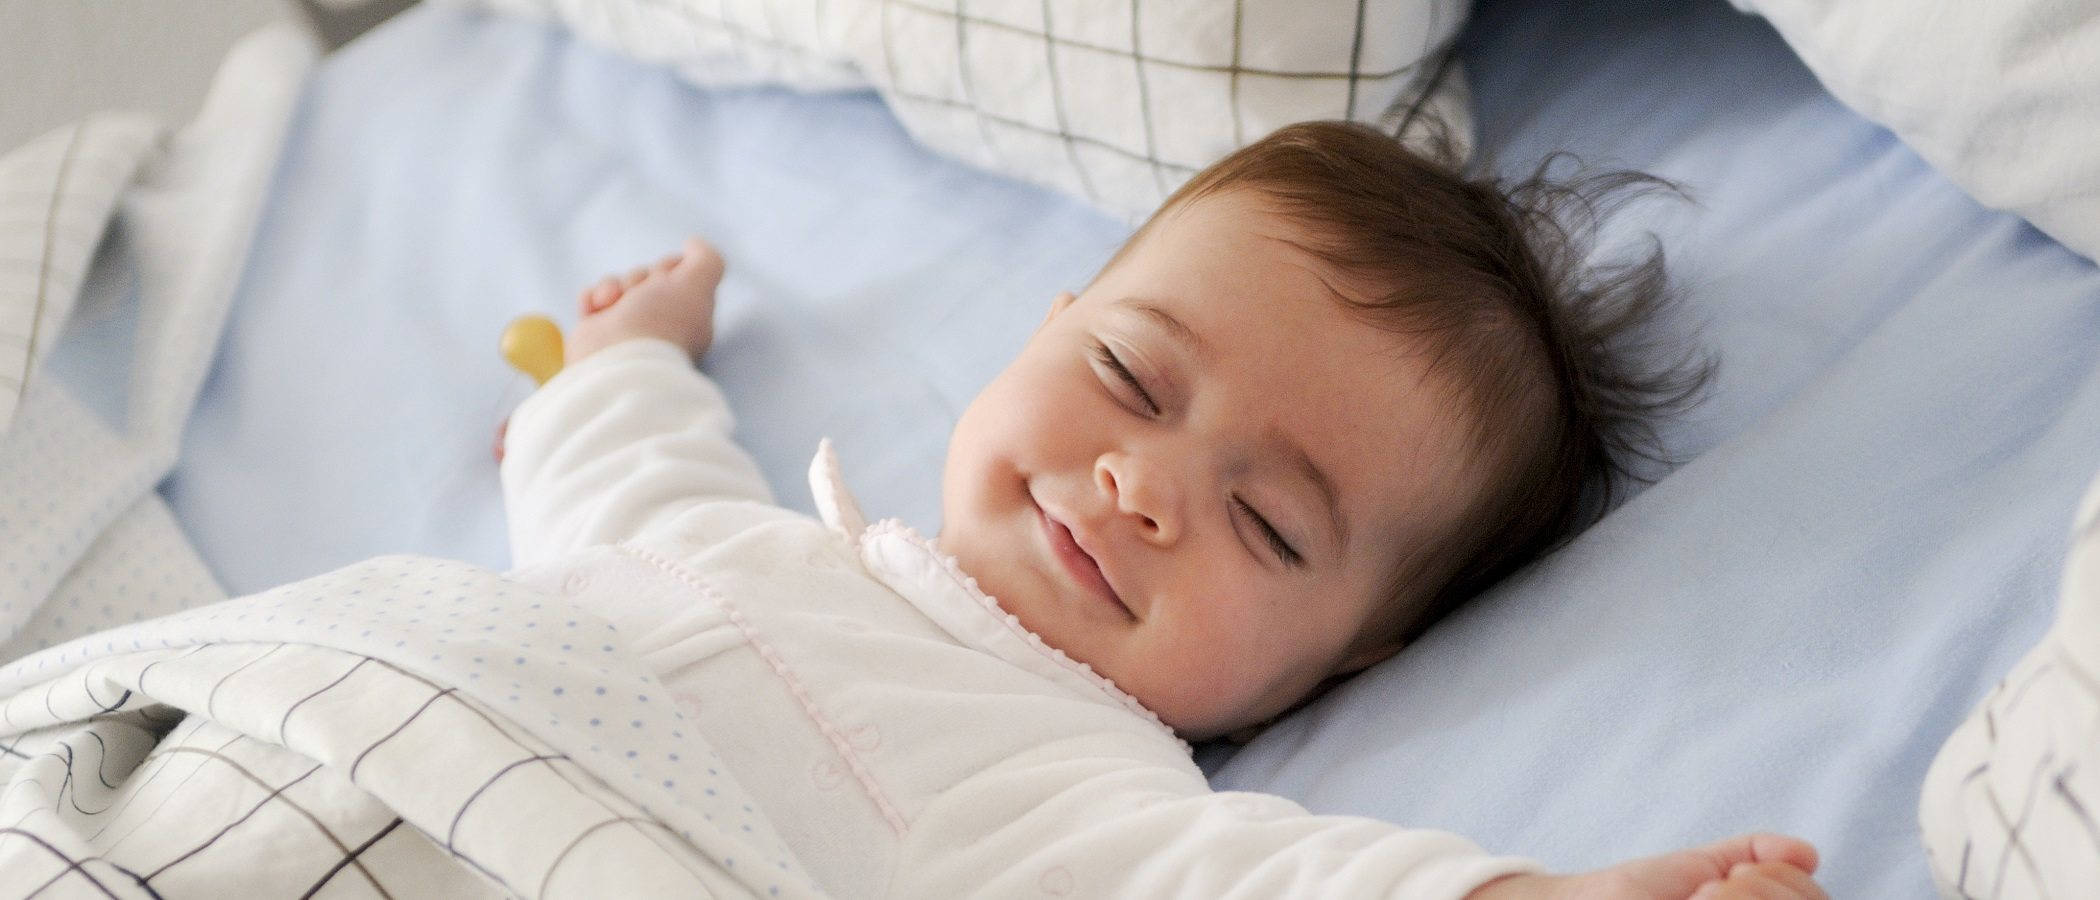 Cómo evitar que el bebé se arañe la cara